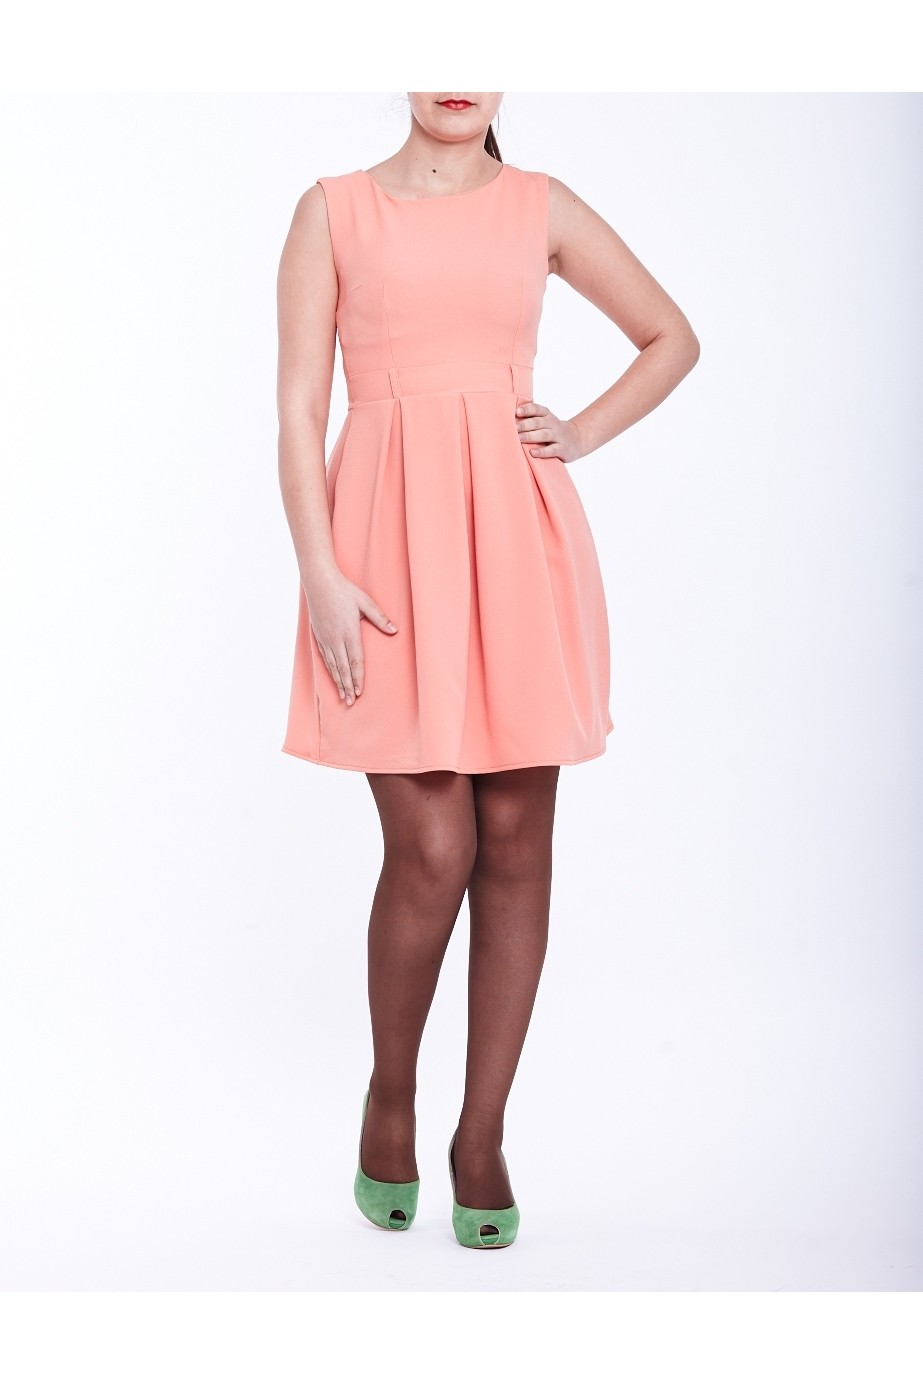 Rochie roz uni cu cute TinaR 36